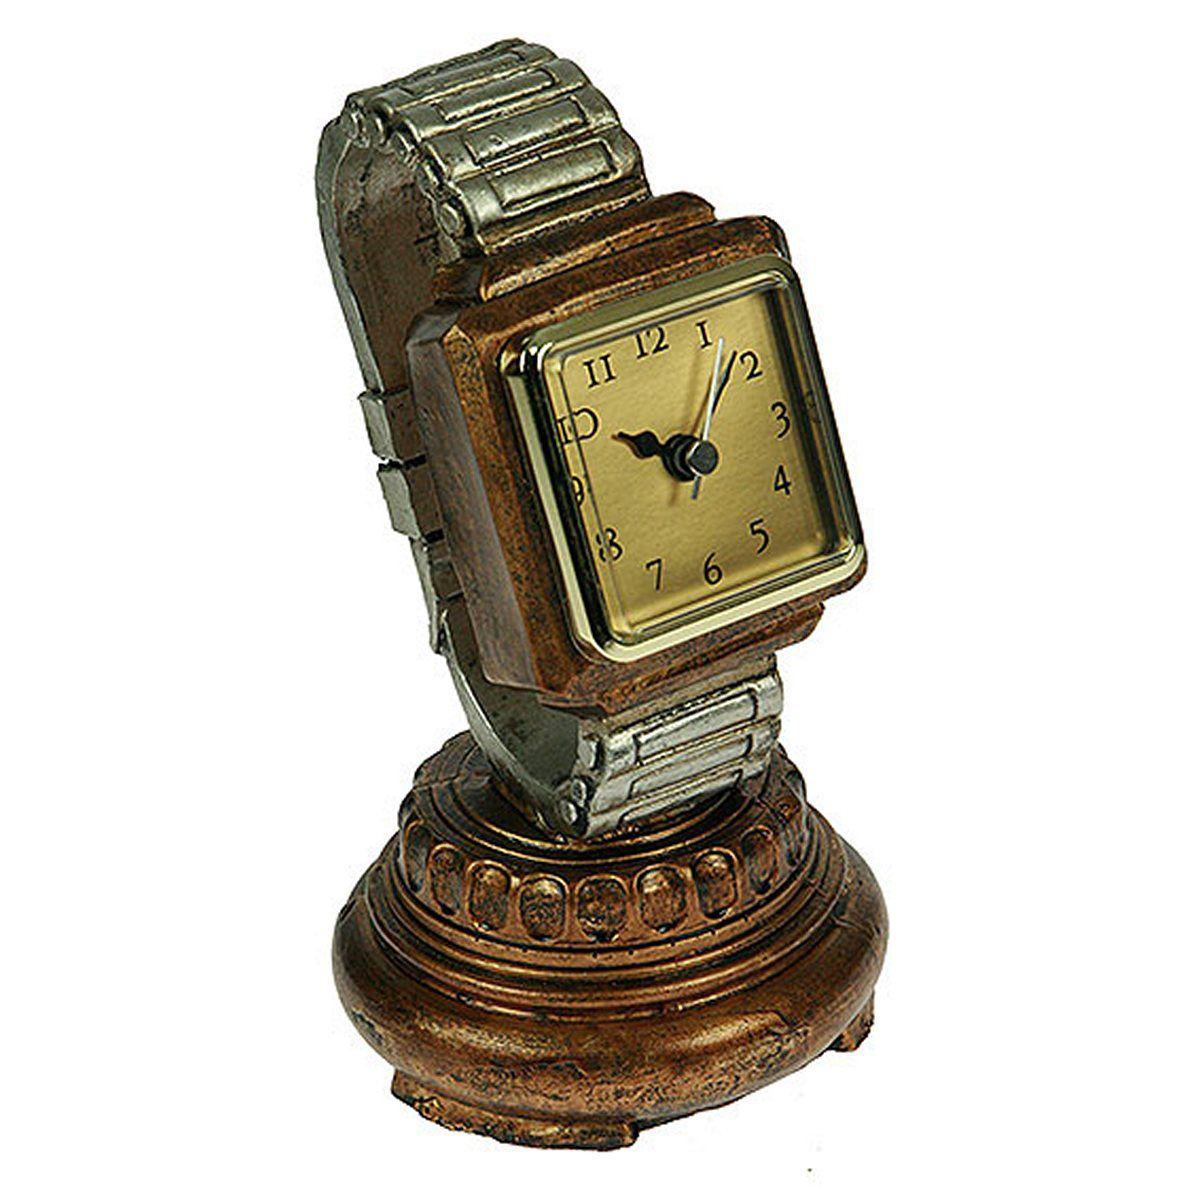 Часы настольные Русские Подарки, 20 х 10 см. 2851328513Настольные кварцевые часы Русские Подарки изготовлены из полистоуна, циферблат защищен стеклом. Часы имеют три стрелки - часовую, минутную и секундную. Такие часы красиво и необычно оформят интерьер дома или рабочий стол в офисе. Также часы могут стать уникальным, полезным подарком для родственников, коллег, знакомых и близких. Часы работают от батареек типа АА (в комплект не входят).